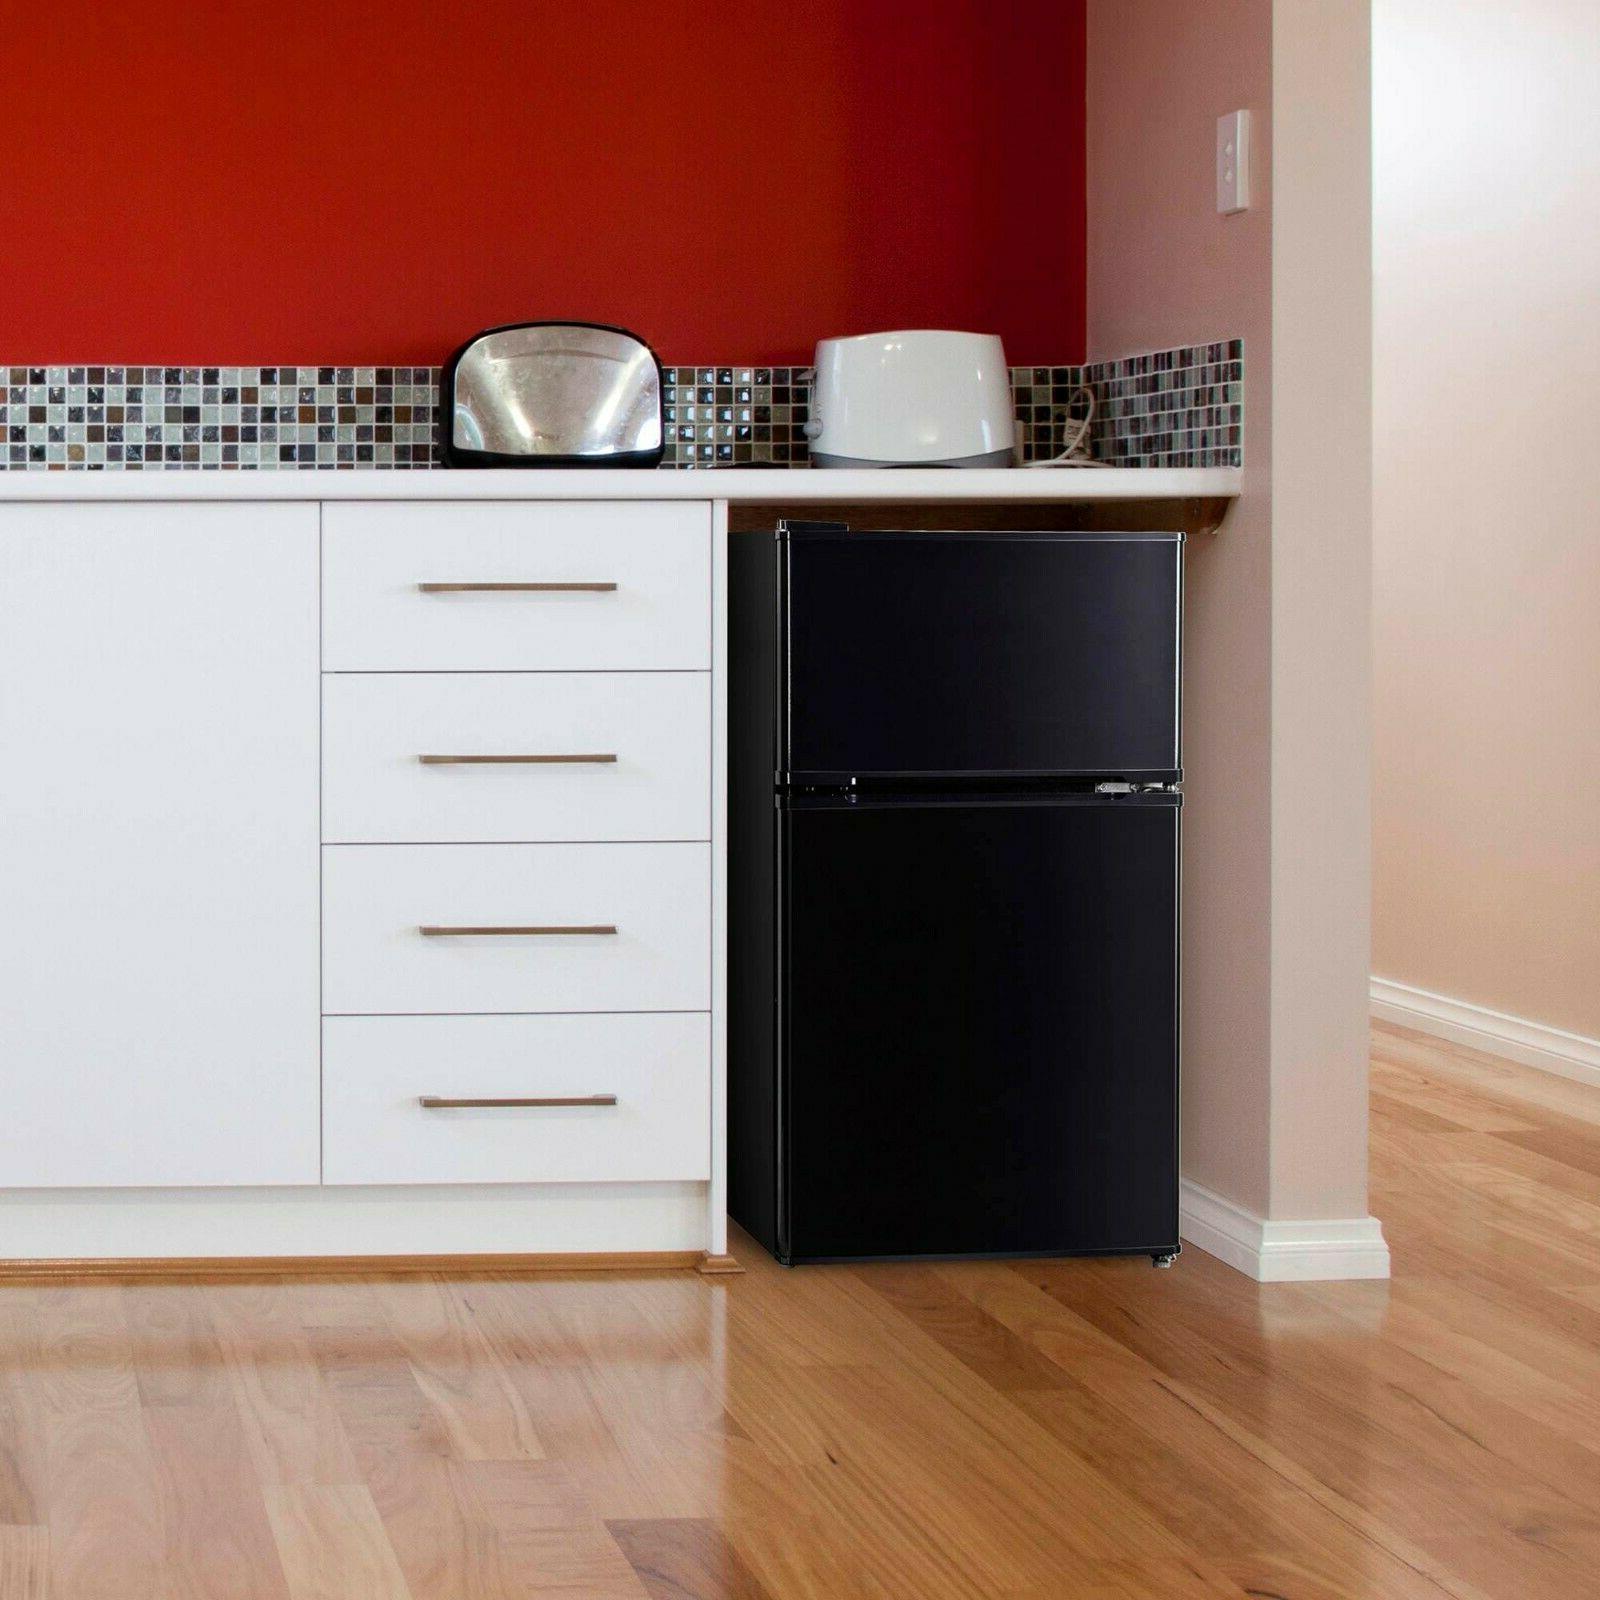 3.2 Cu Mini Refrigerator Freezer 2-Door Compact Home Office New